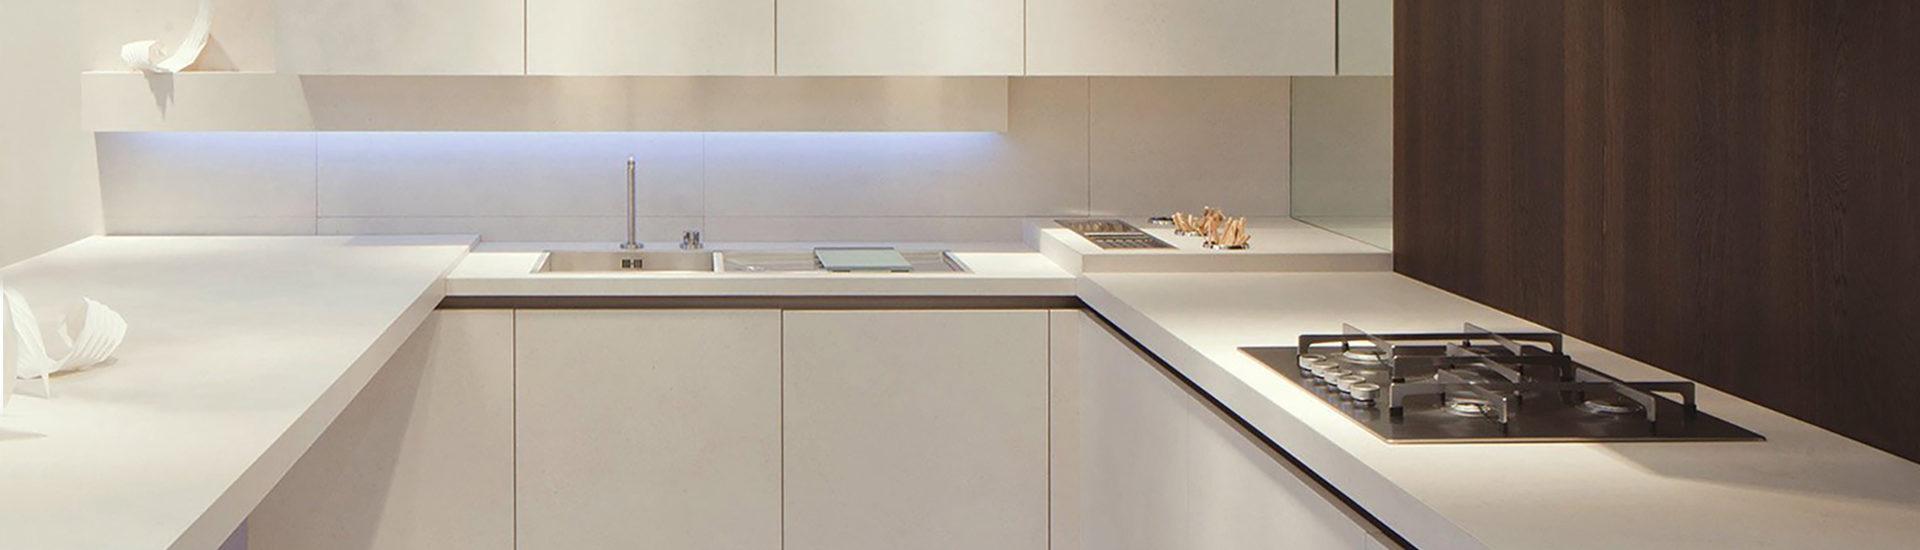 Piano Cucina Kerlite.Top Cucine Gres Porcellanato E Kerlite Prezzi Scontati 80